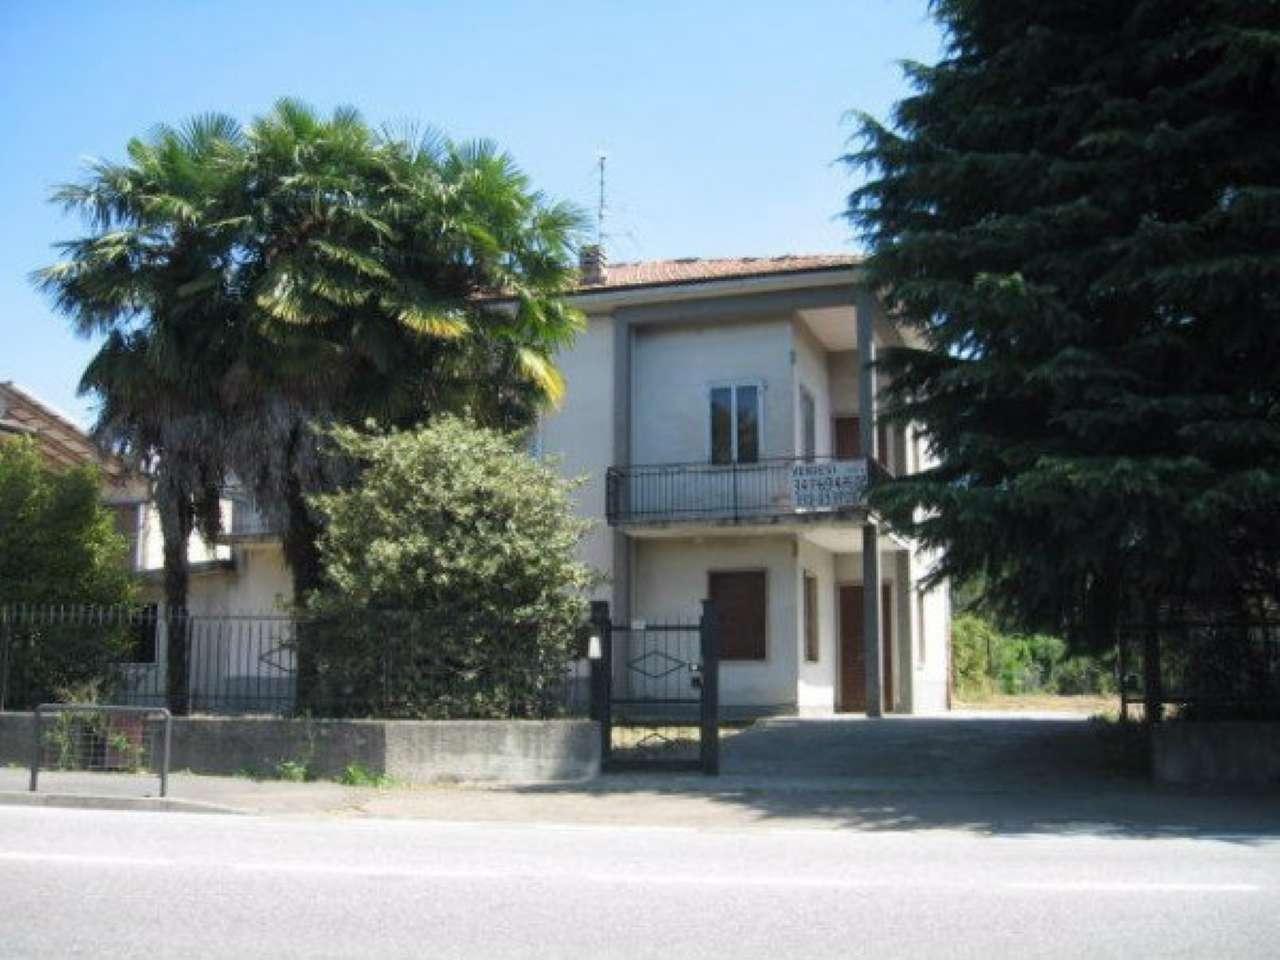 Soluzione Indipendente in vendita a Guanzate, 6 locali, prezzo € 230.000 | Cambio Casa.it